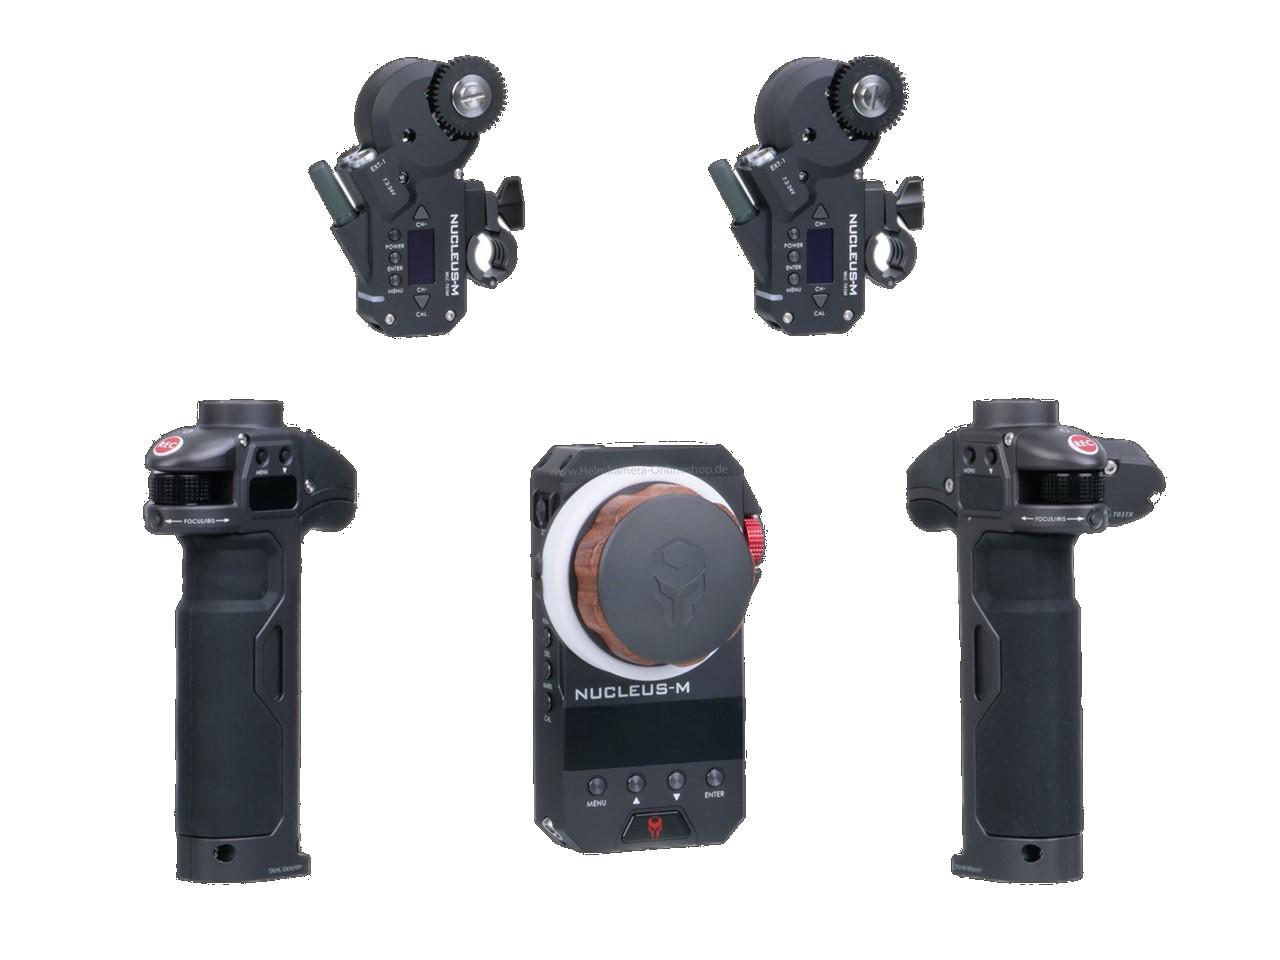 tilta-nucleus-m-wireless-lens-control-system-Kopie